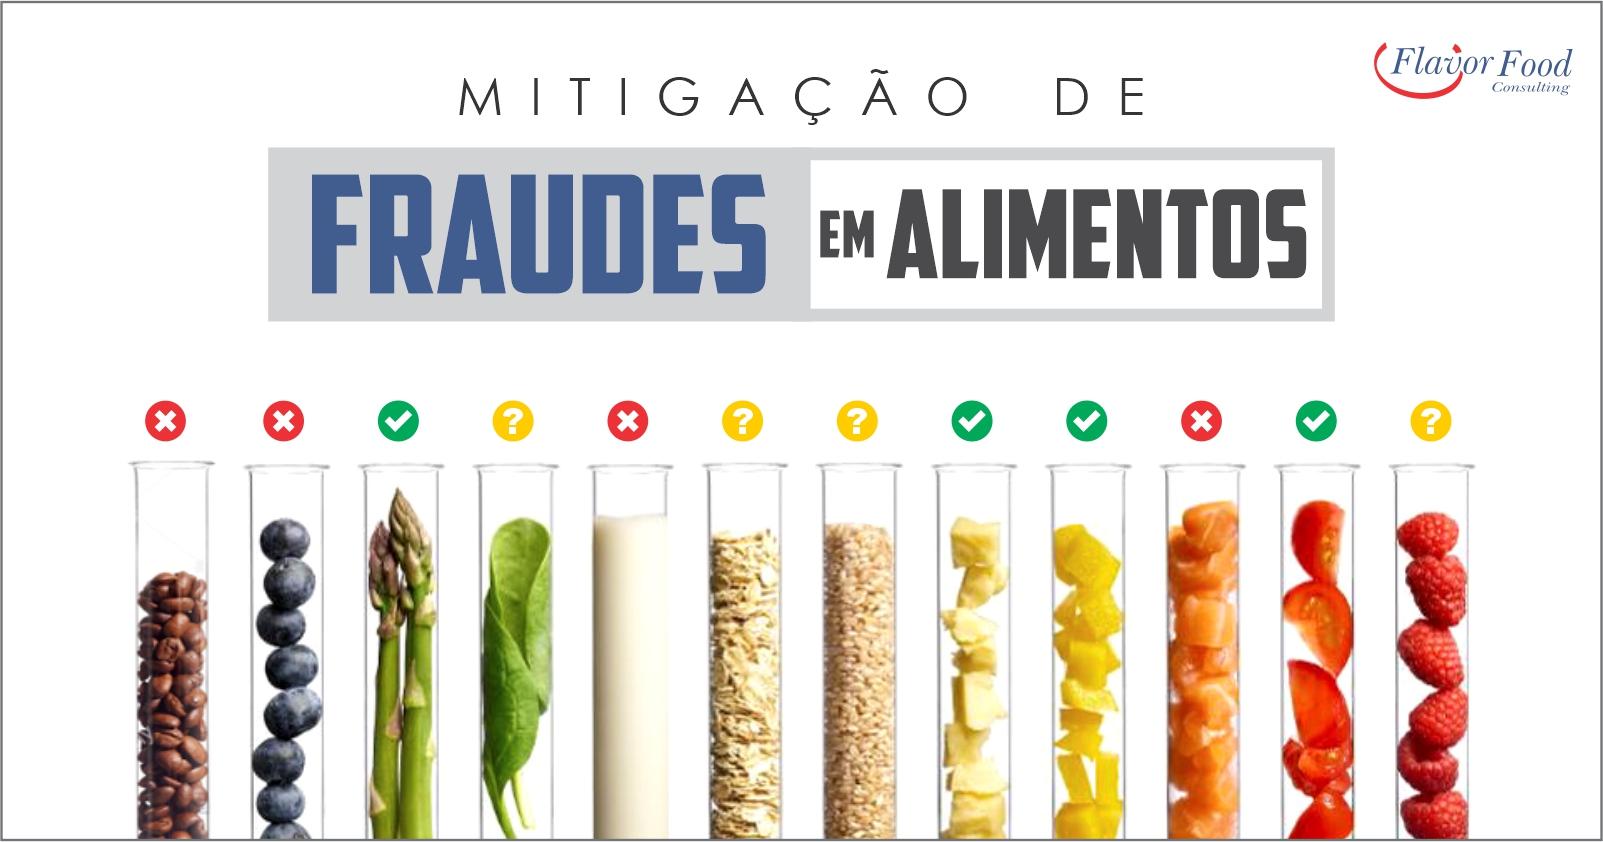 Mitigação de Fraudes em Alimentos